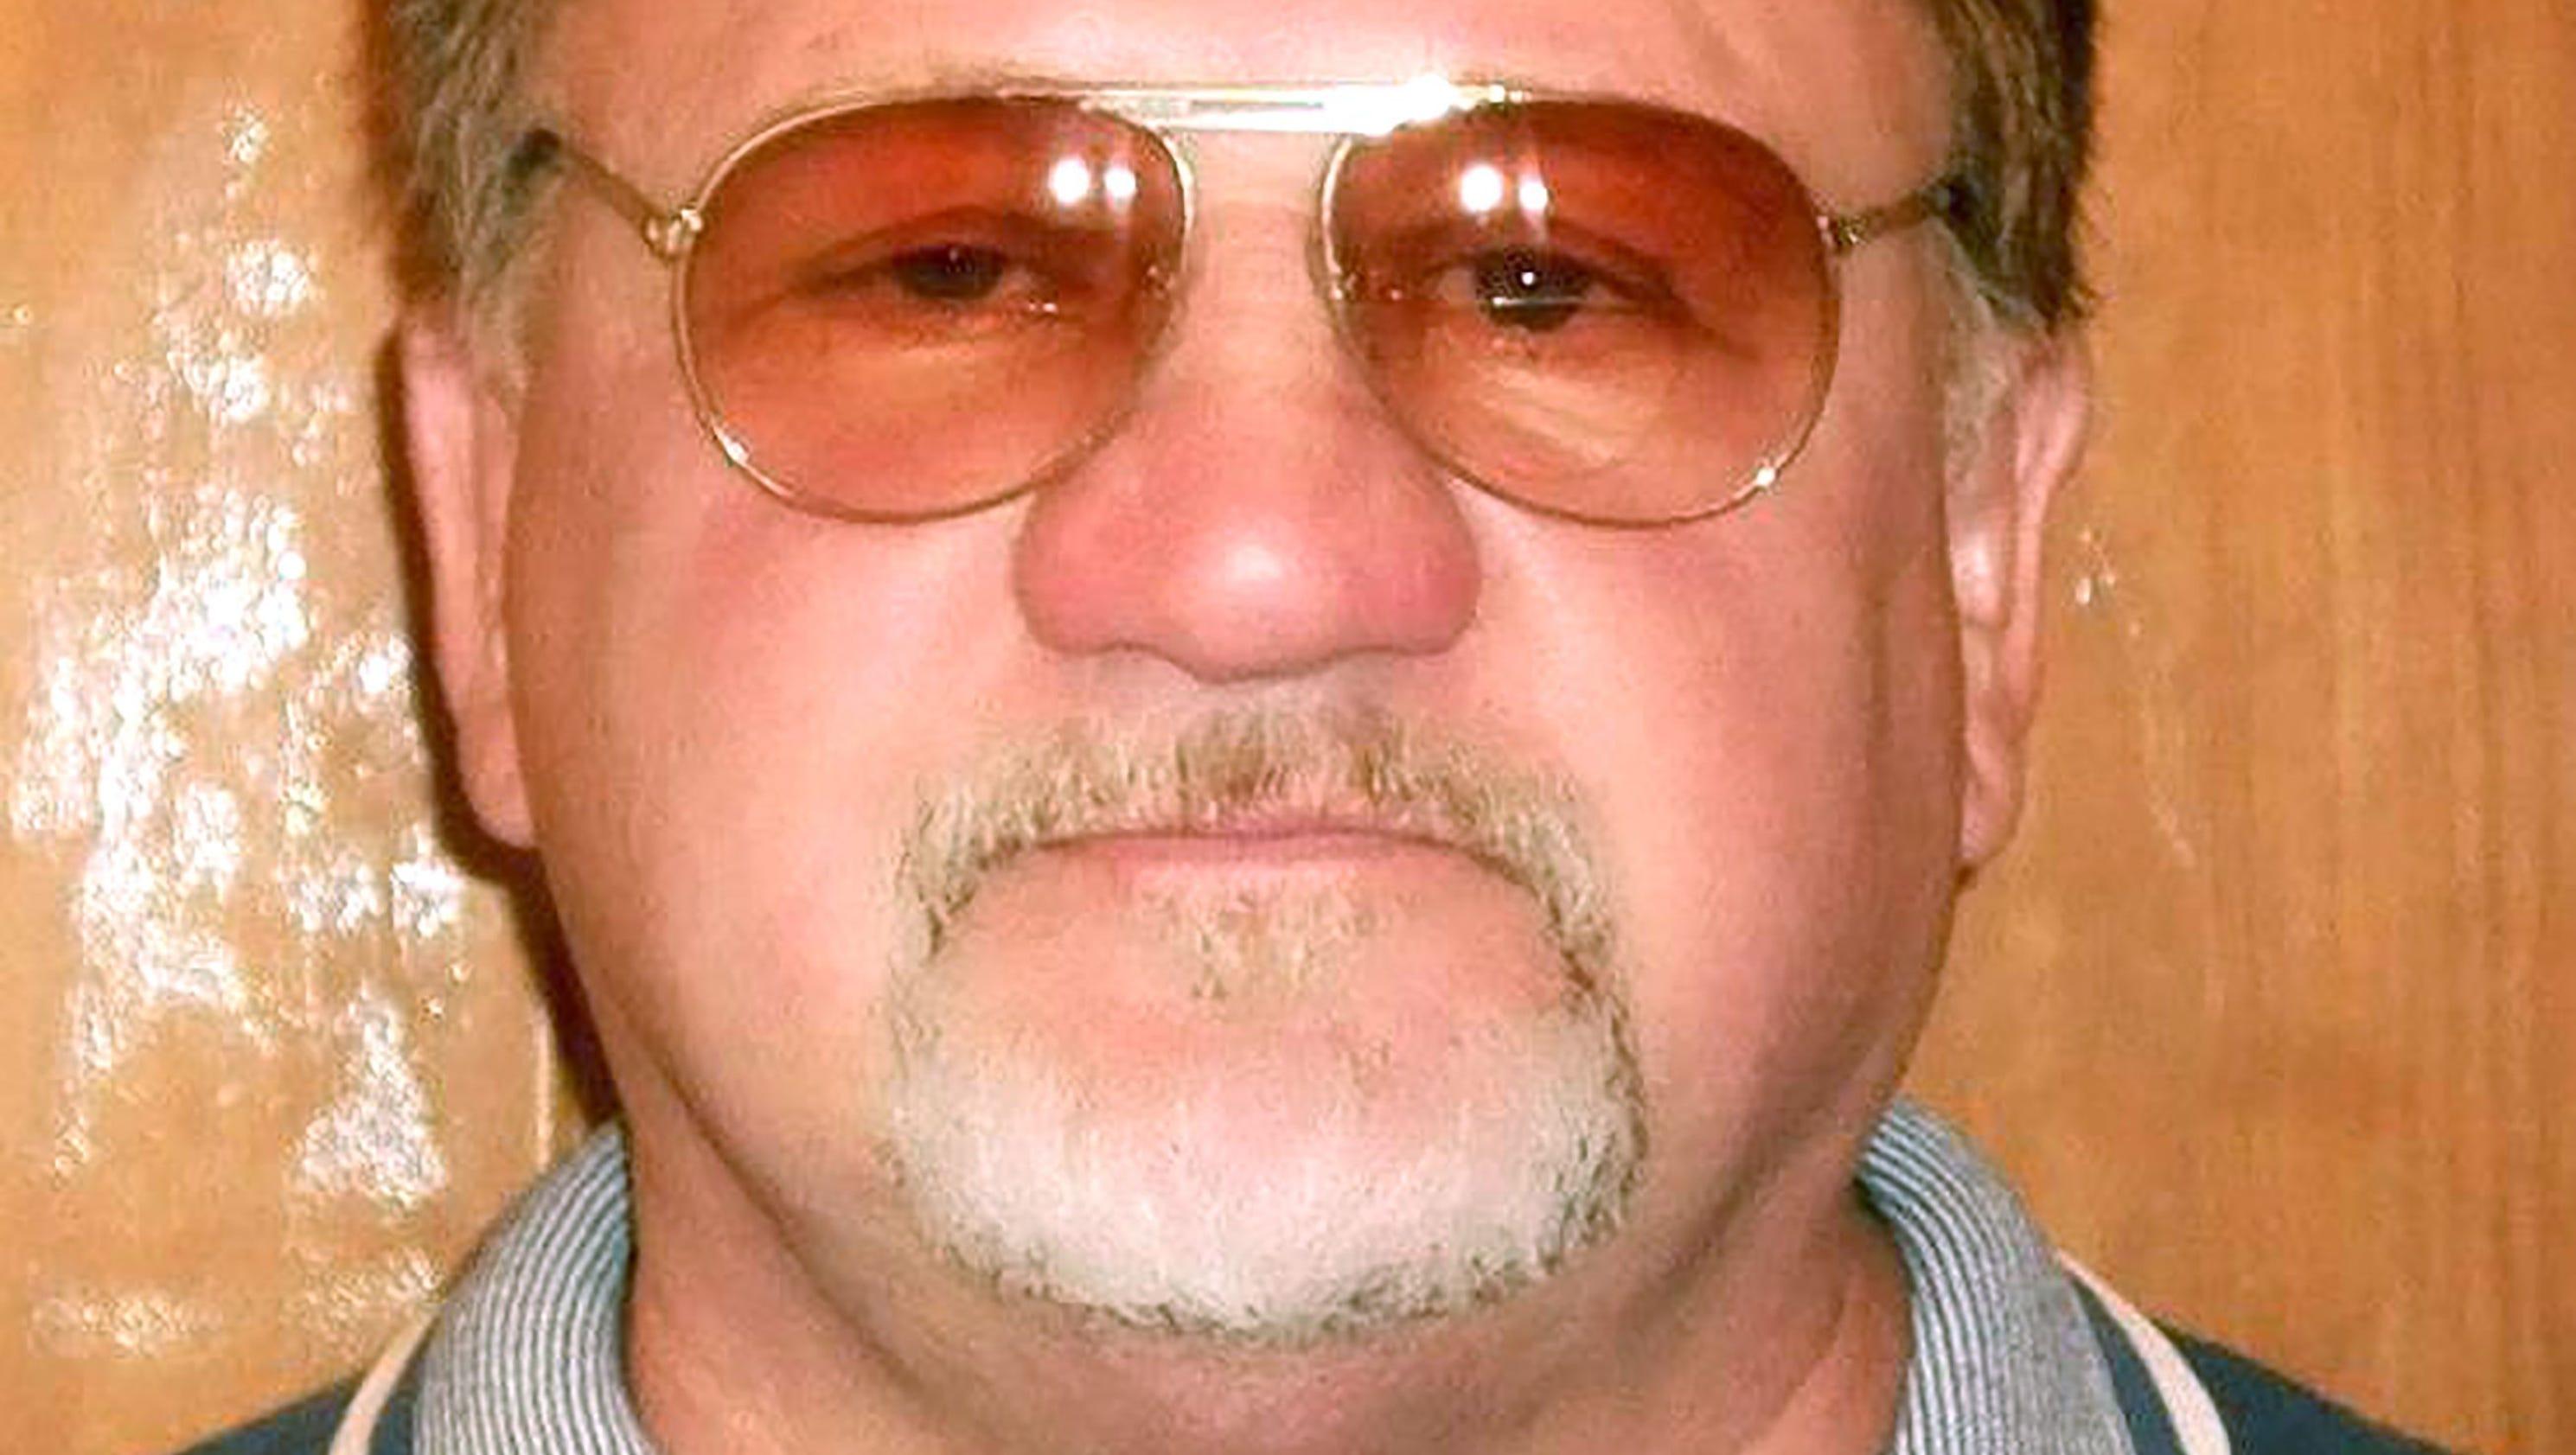 James Hodgkinson's neighbors recall strange behavior, simmering anger